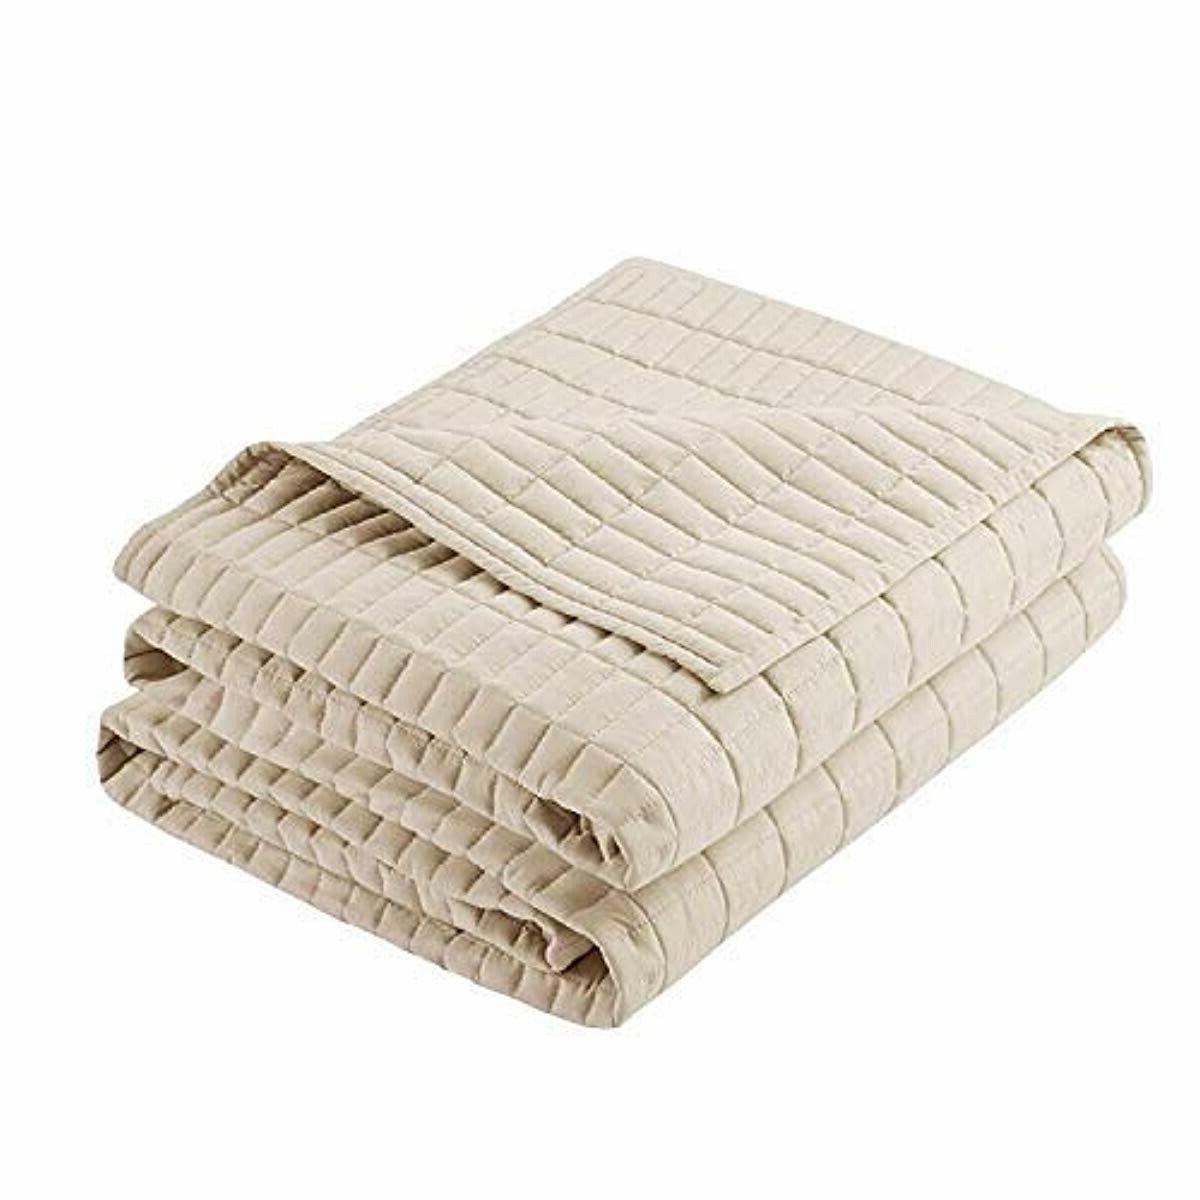 Comfort Spaces Quilt Mini Set 3 - - Stitched Patter